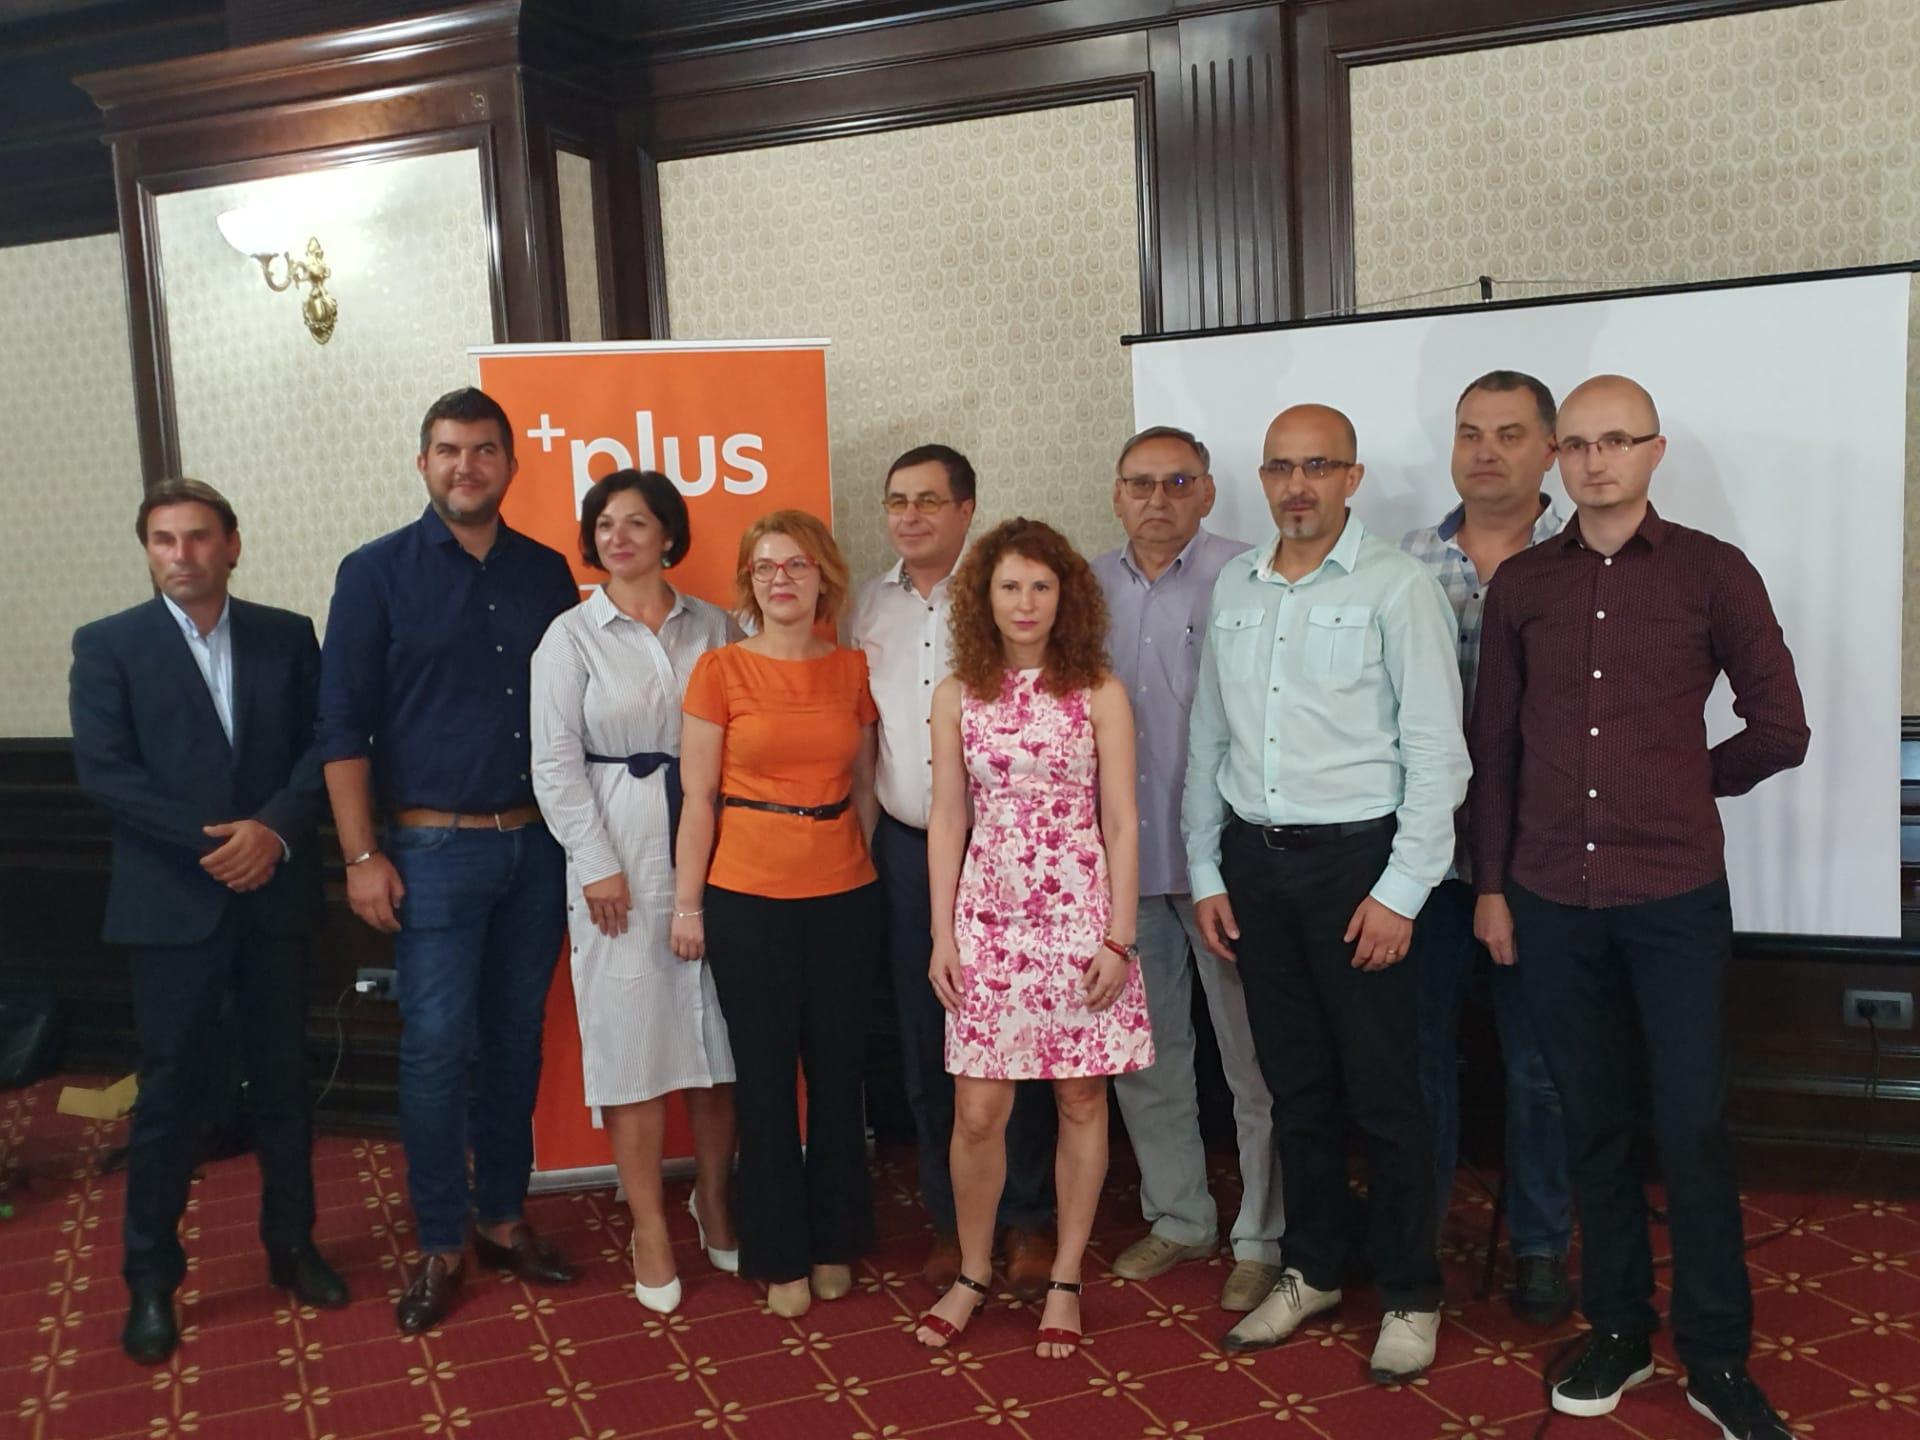 Membrii PLUS Botoșani și-au ales echipa de conducere a filialei județene Botoșani